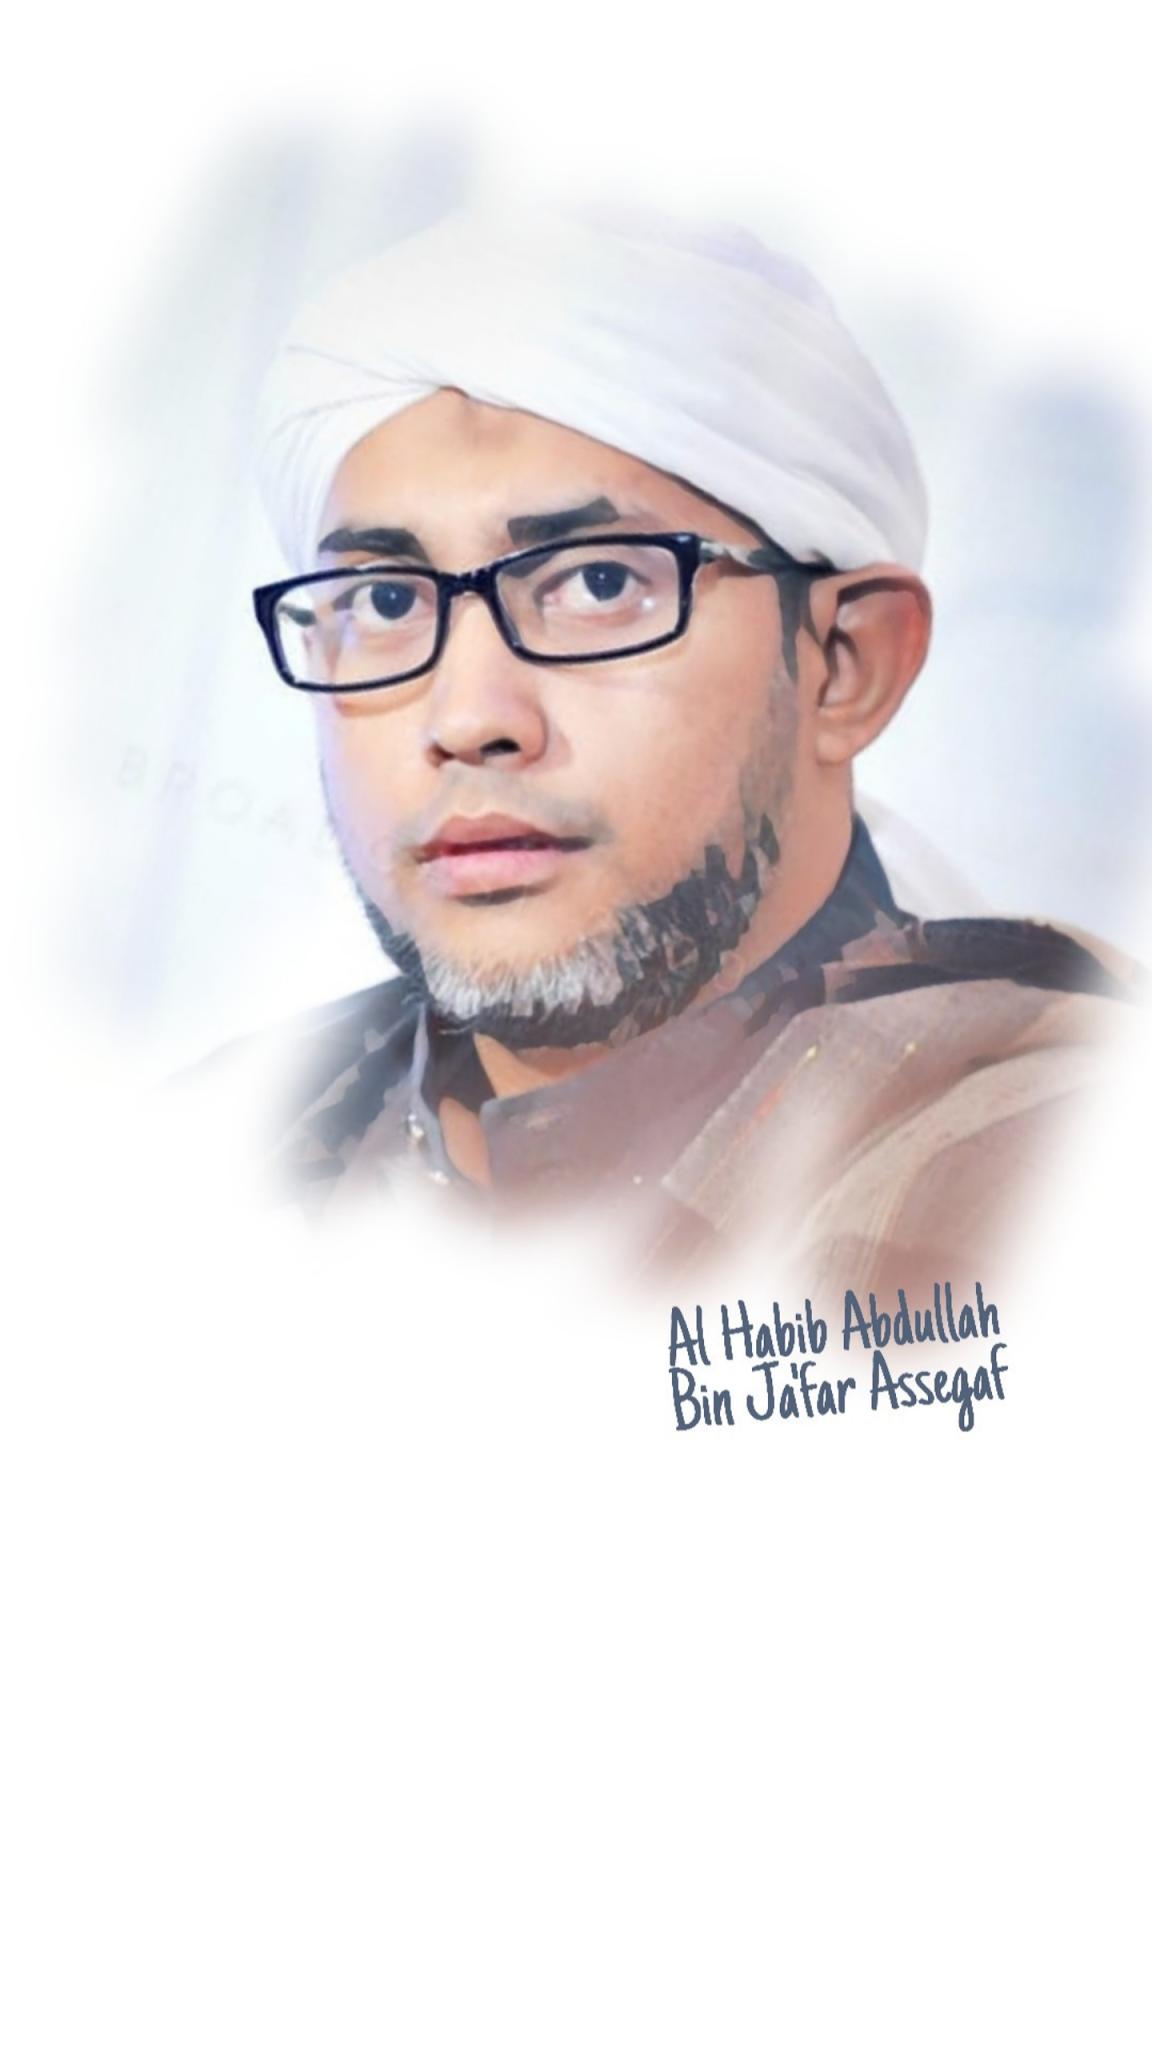 Download Wallpaper Wallpaper Habib Abdullah 221020